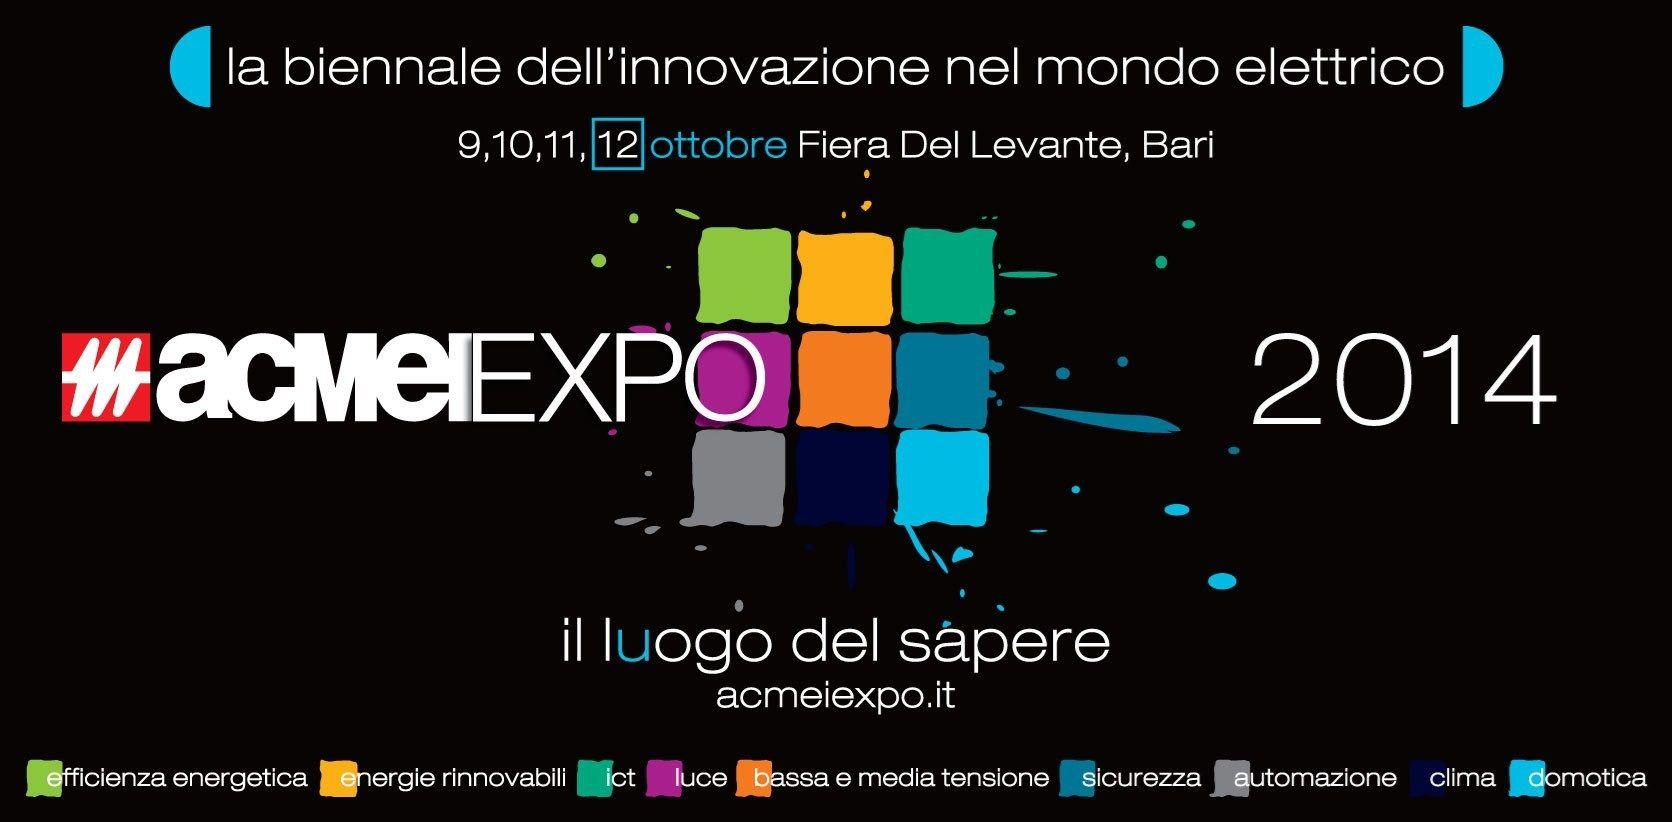 ACMEIEXPO2014: appuntamento alla Fiera del Levante dal 9 a 12 ottobre